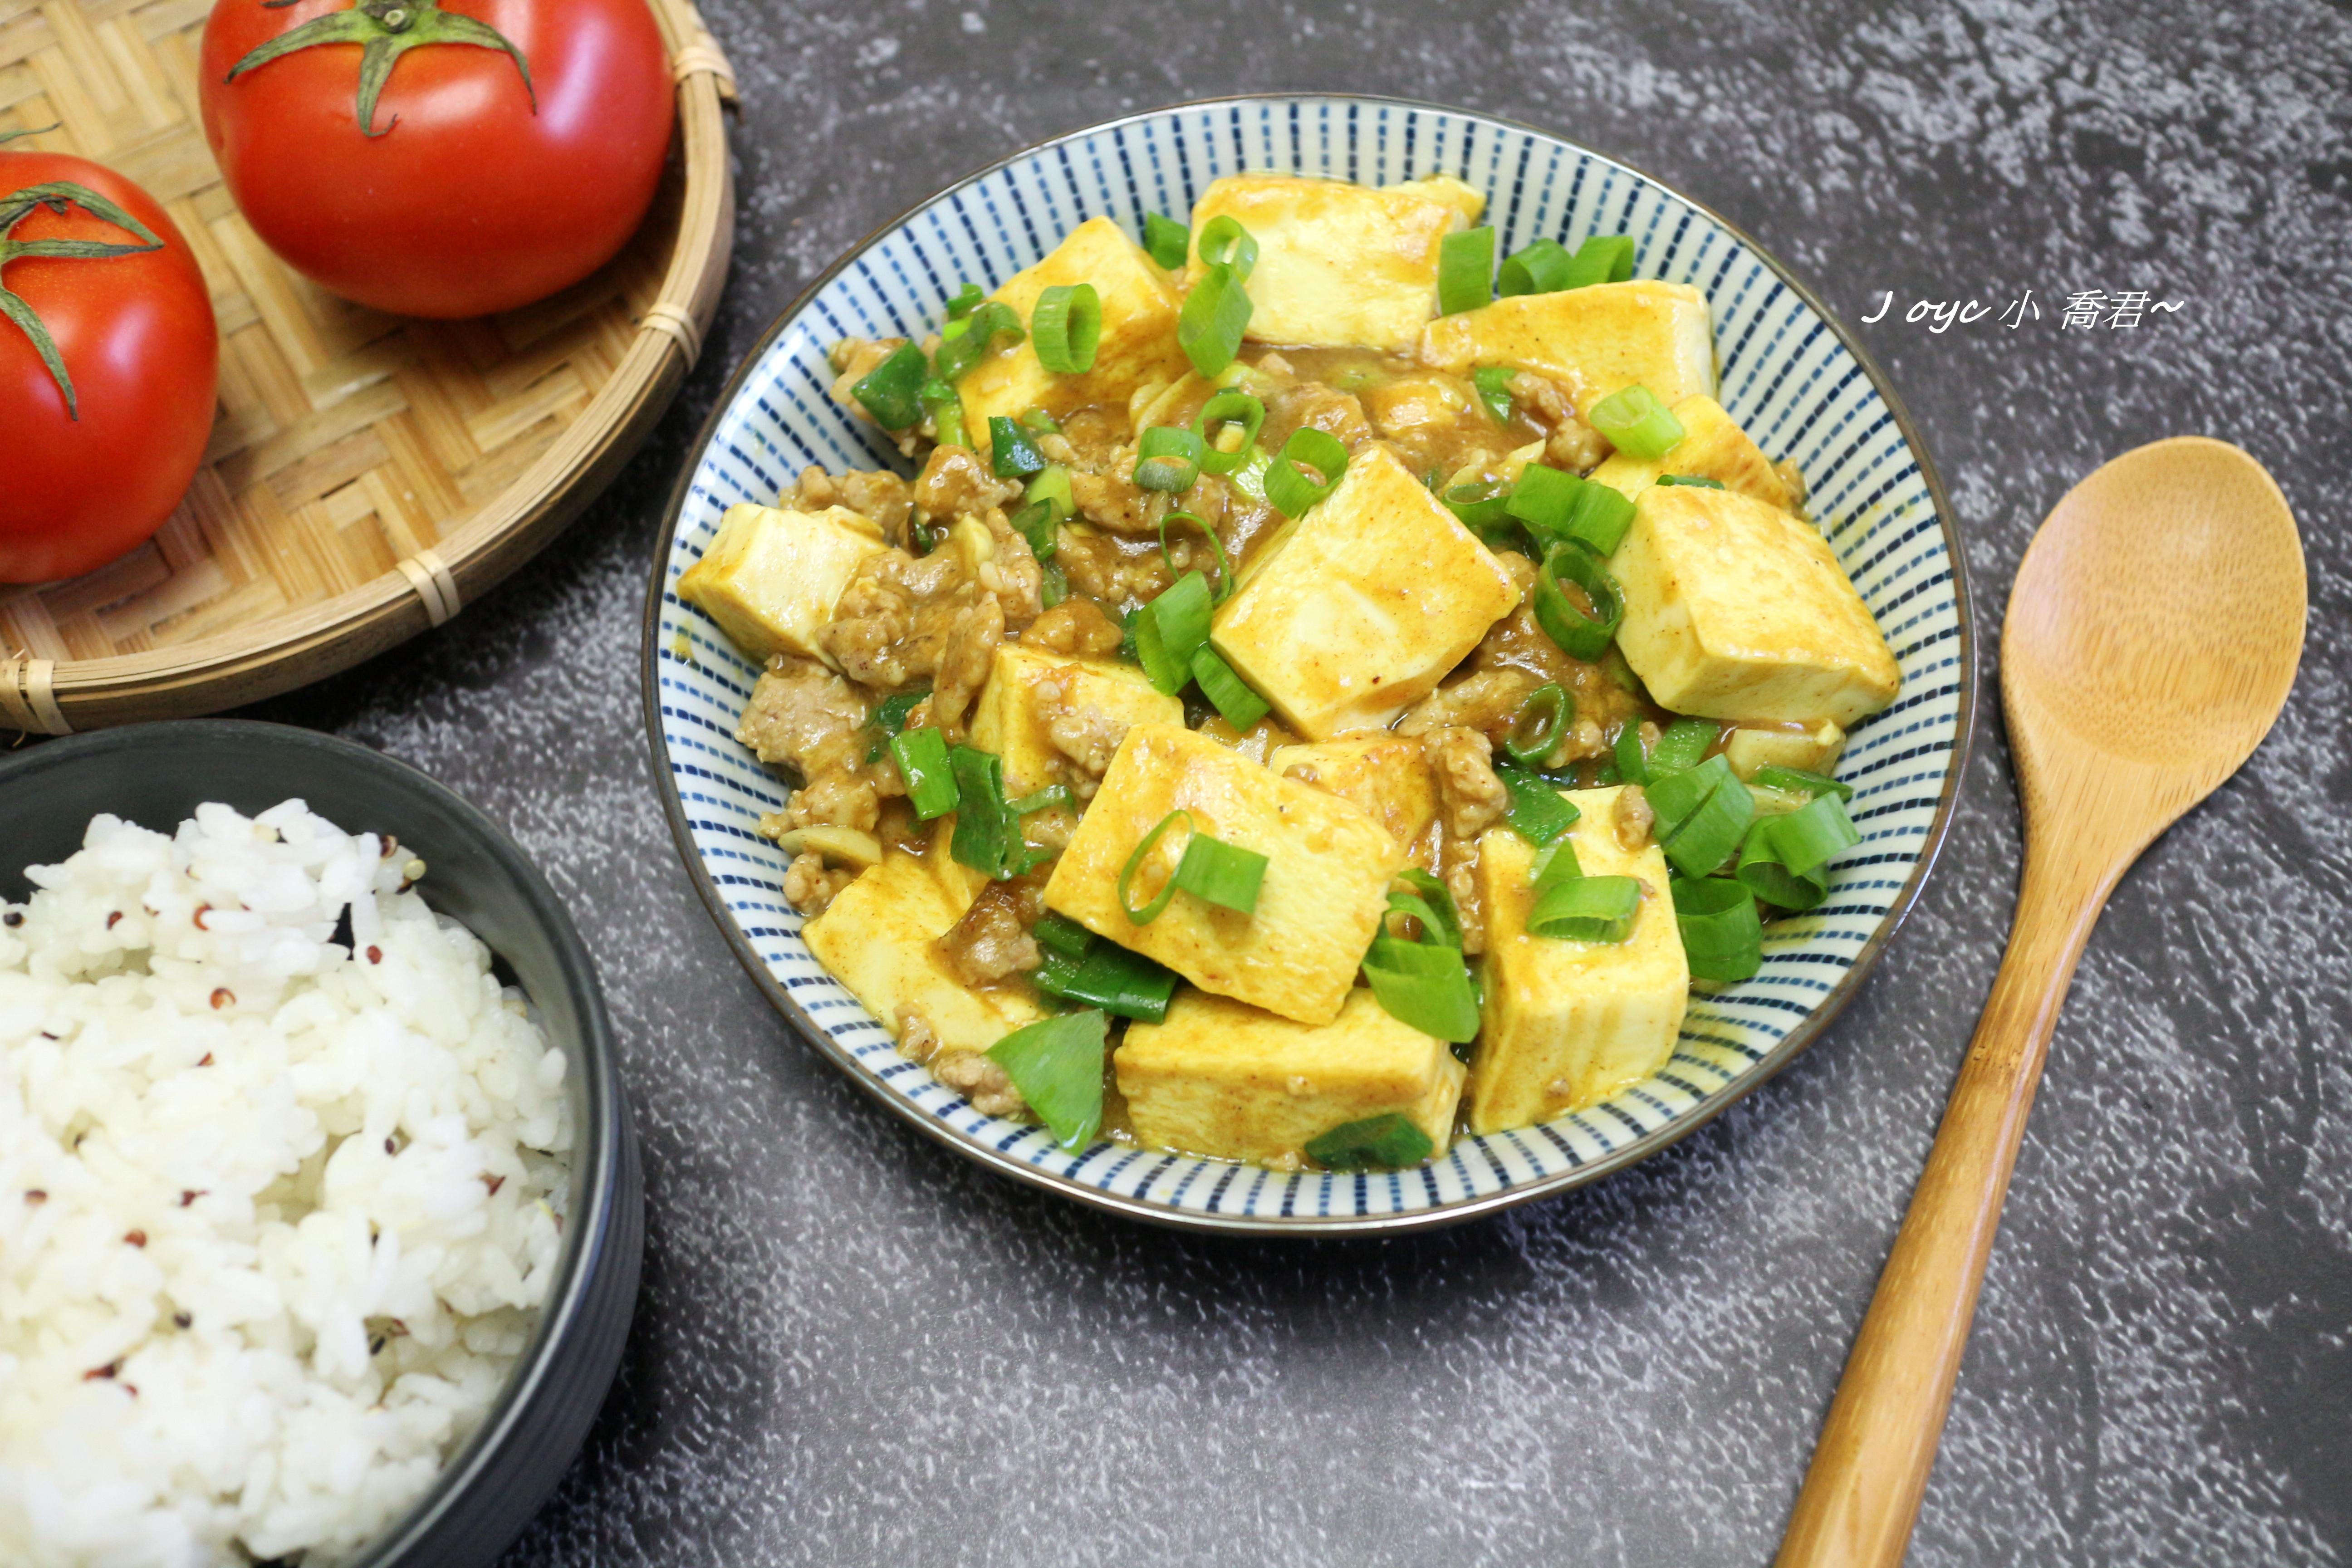 醬燒咖哩肉末豆腐【S&B金牌咖哩塊】